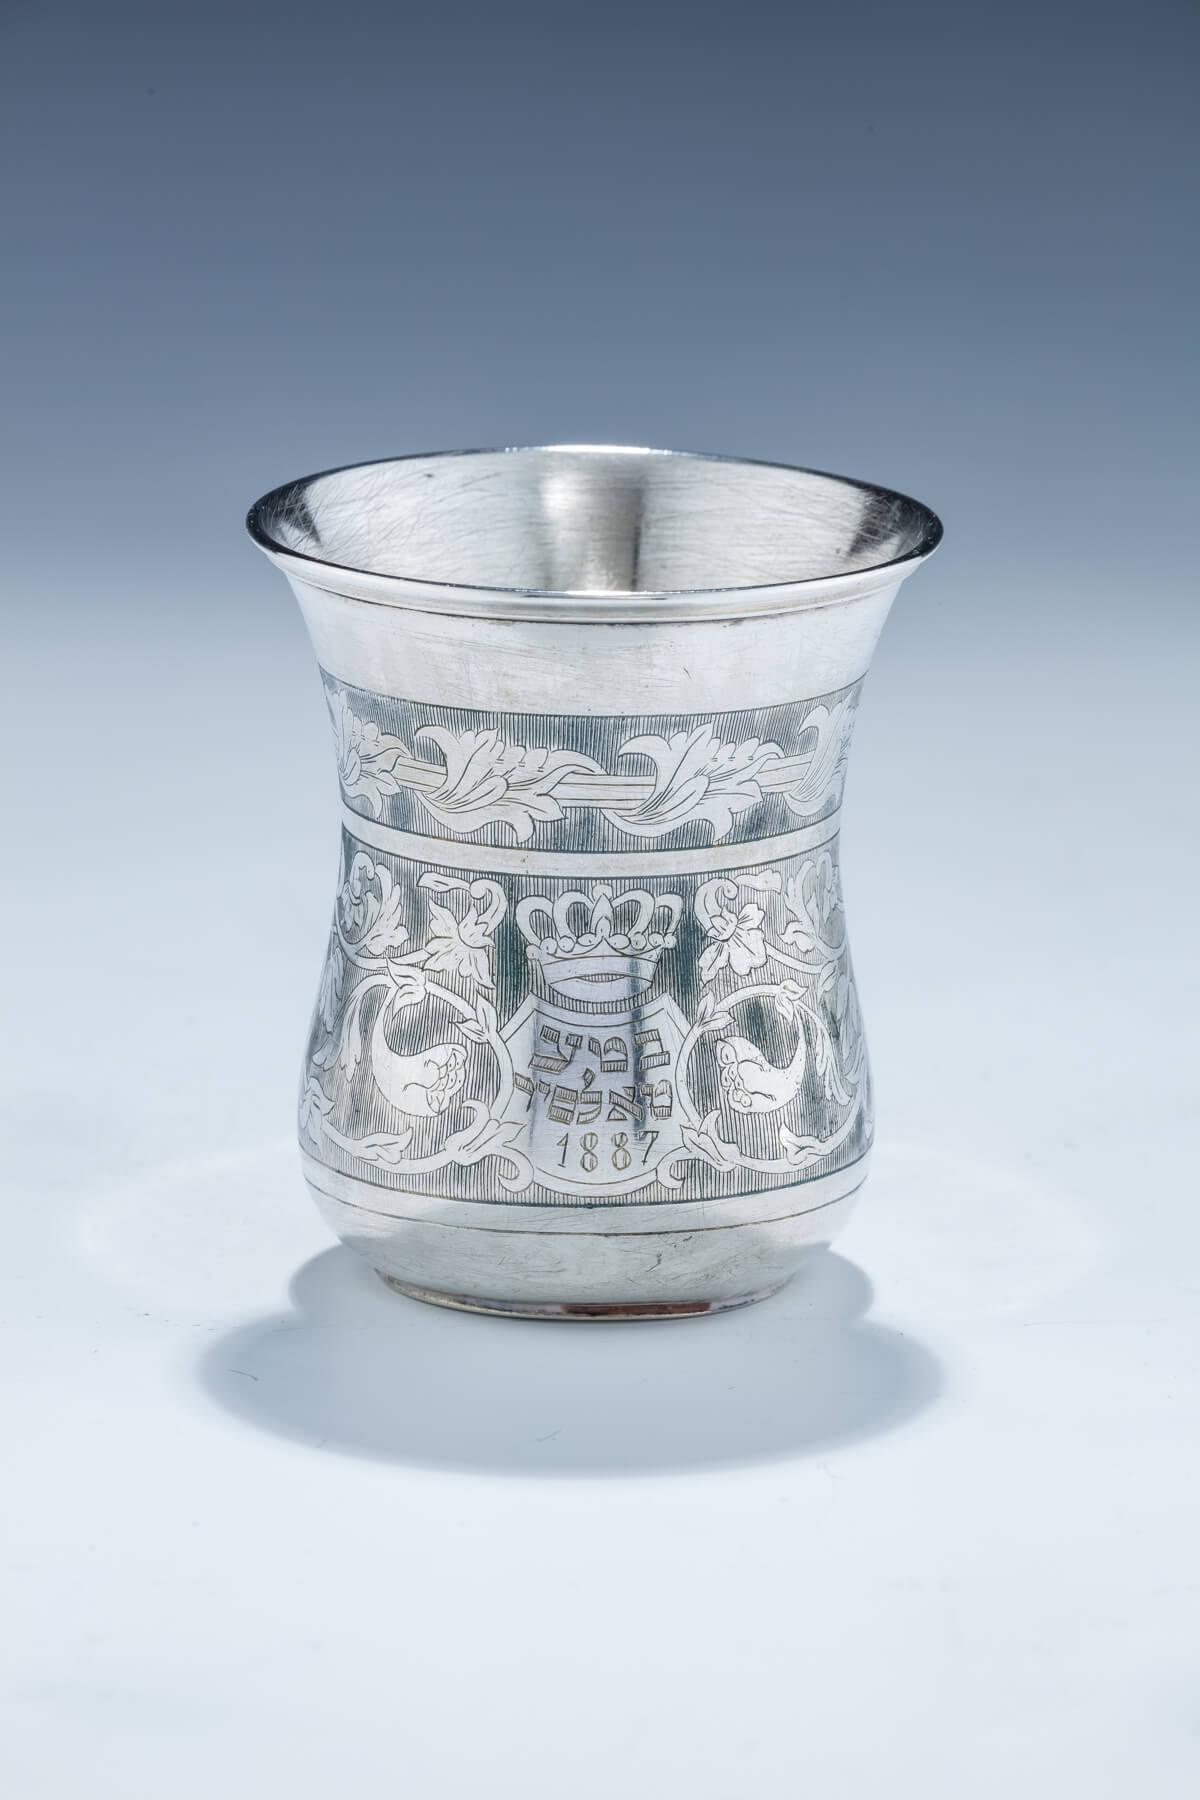 3. A Silver Kiddush Beaker